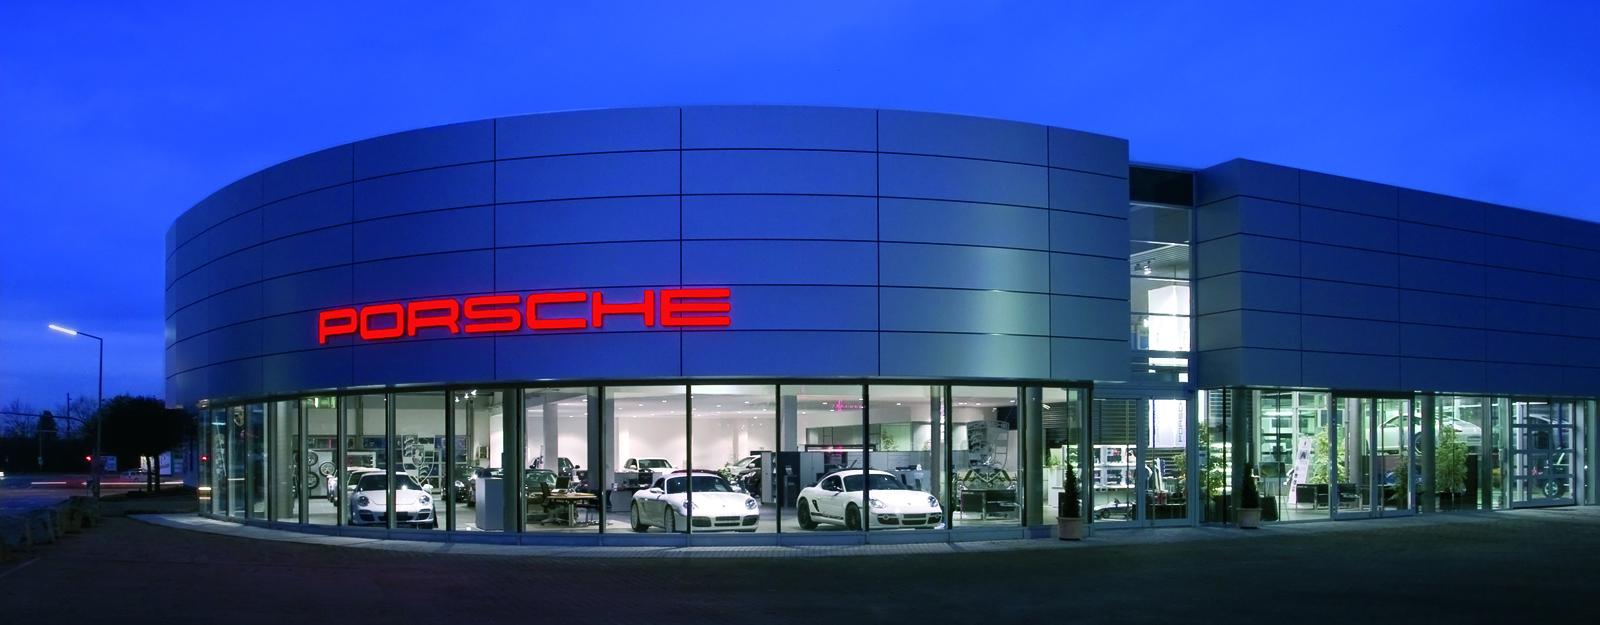 Porsche Zentrum Karlsruhe » Herzlich willkommen